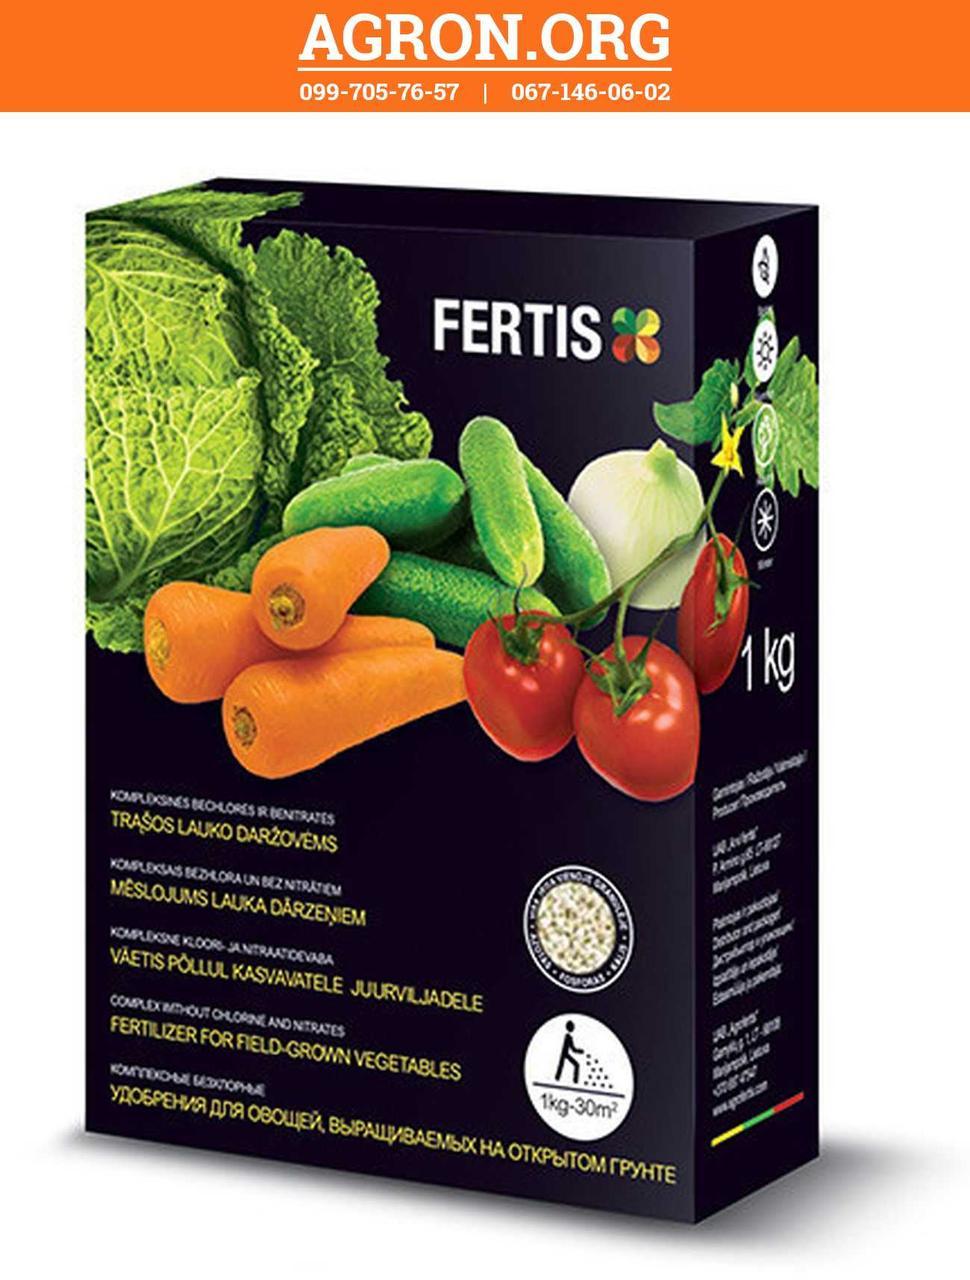 Фертіс (Fertis) NPK 13-10-15 удобрение для овочів Binfield 1 кг